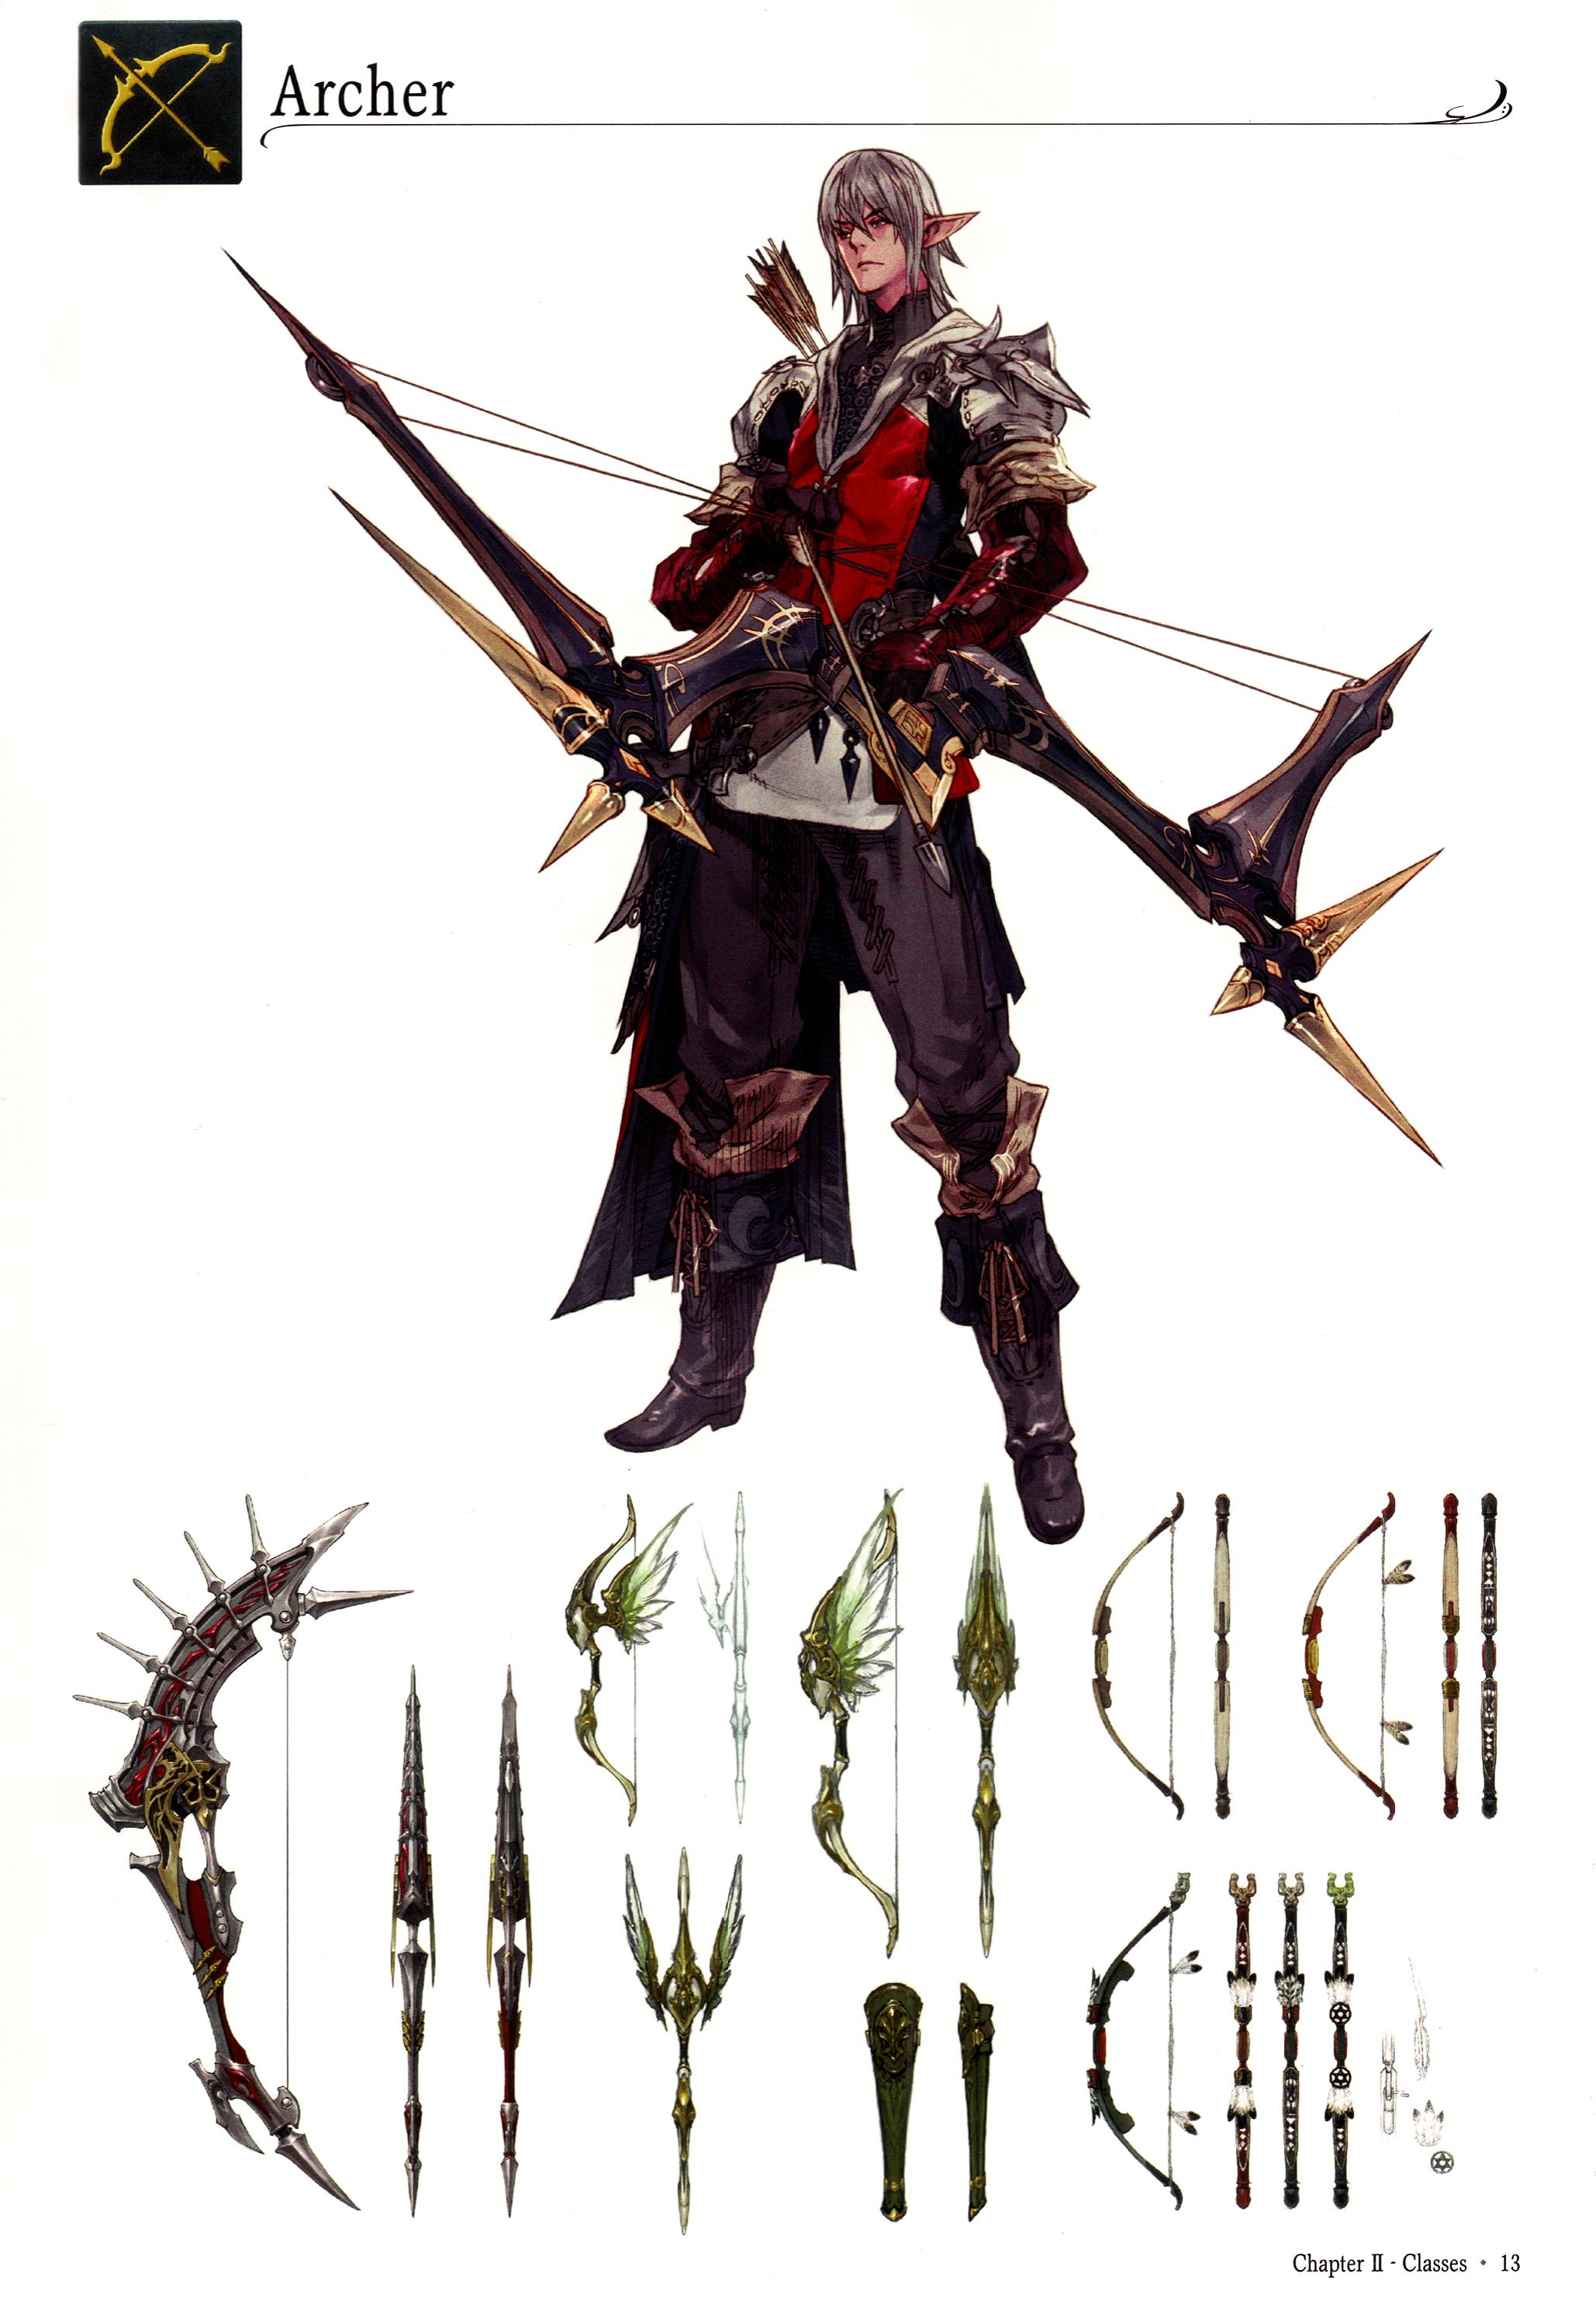 Final Fantasy Xiv Archer Class Minitokyo